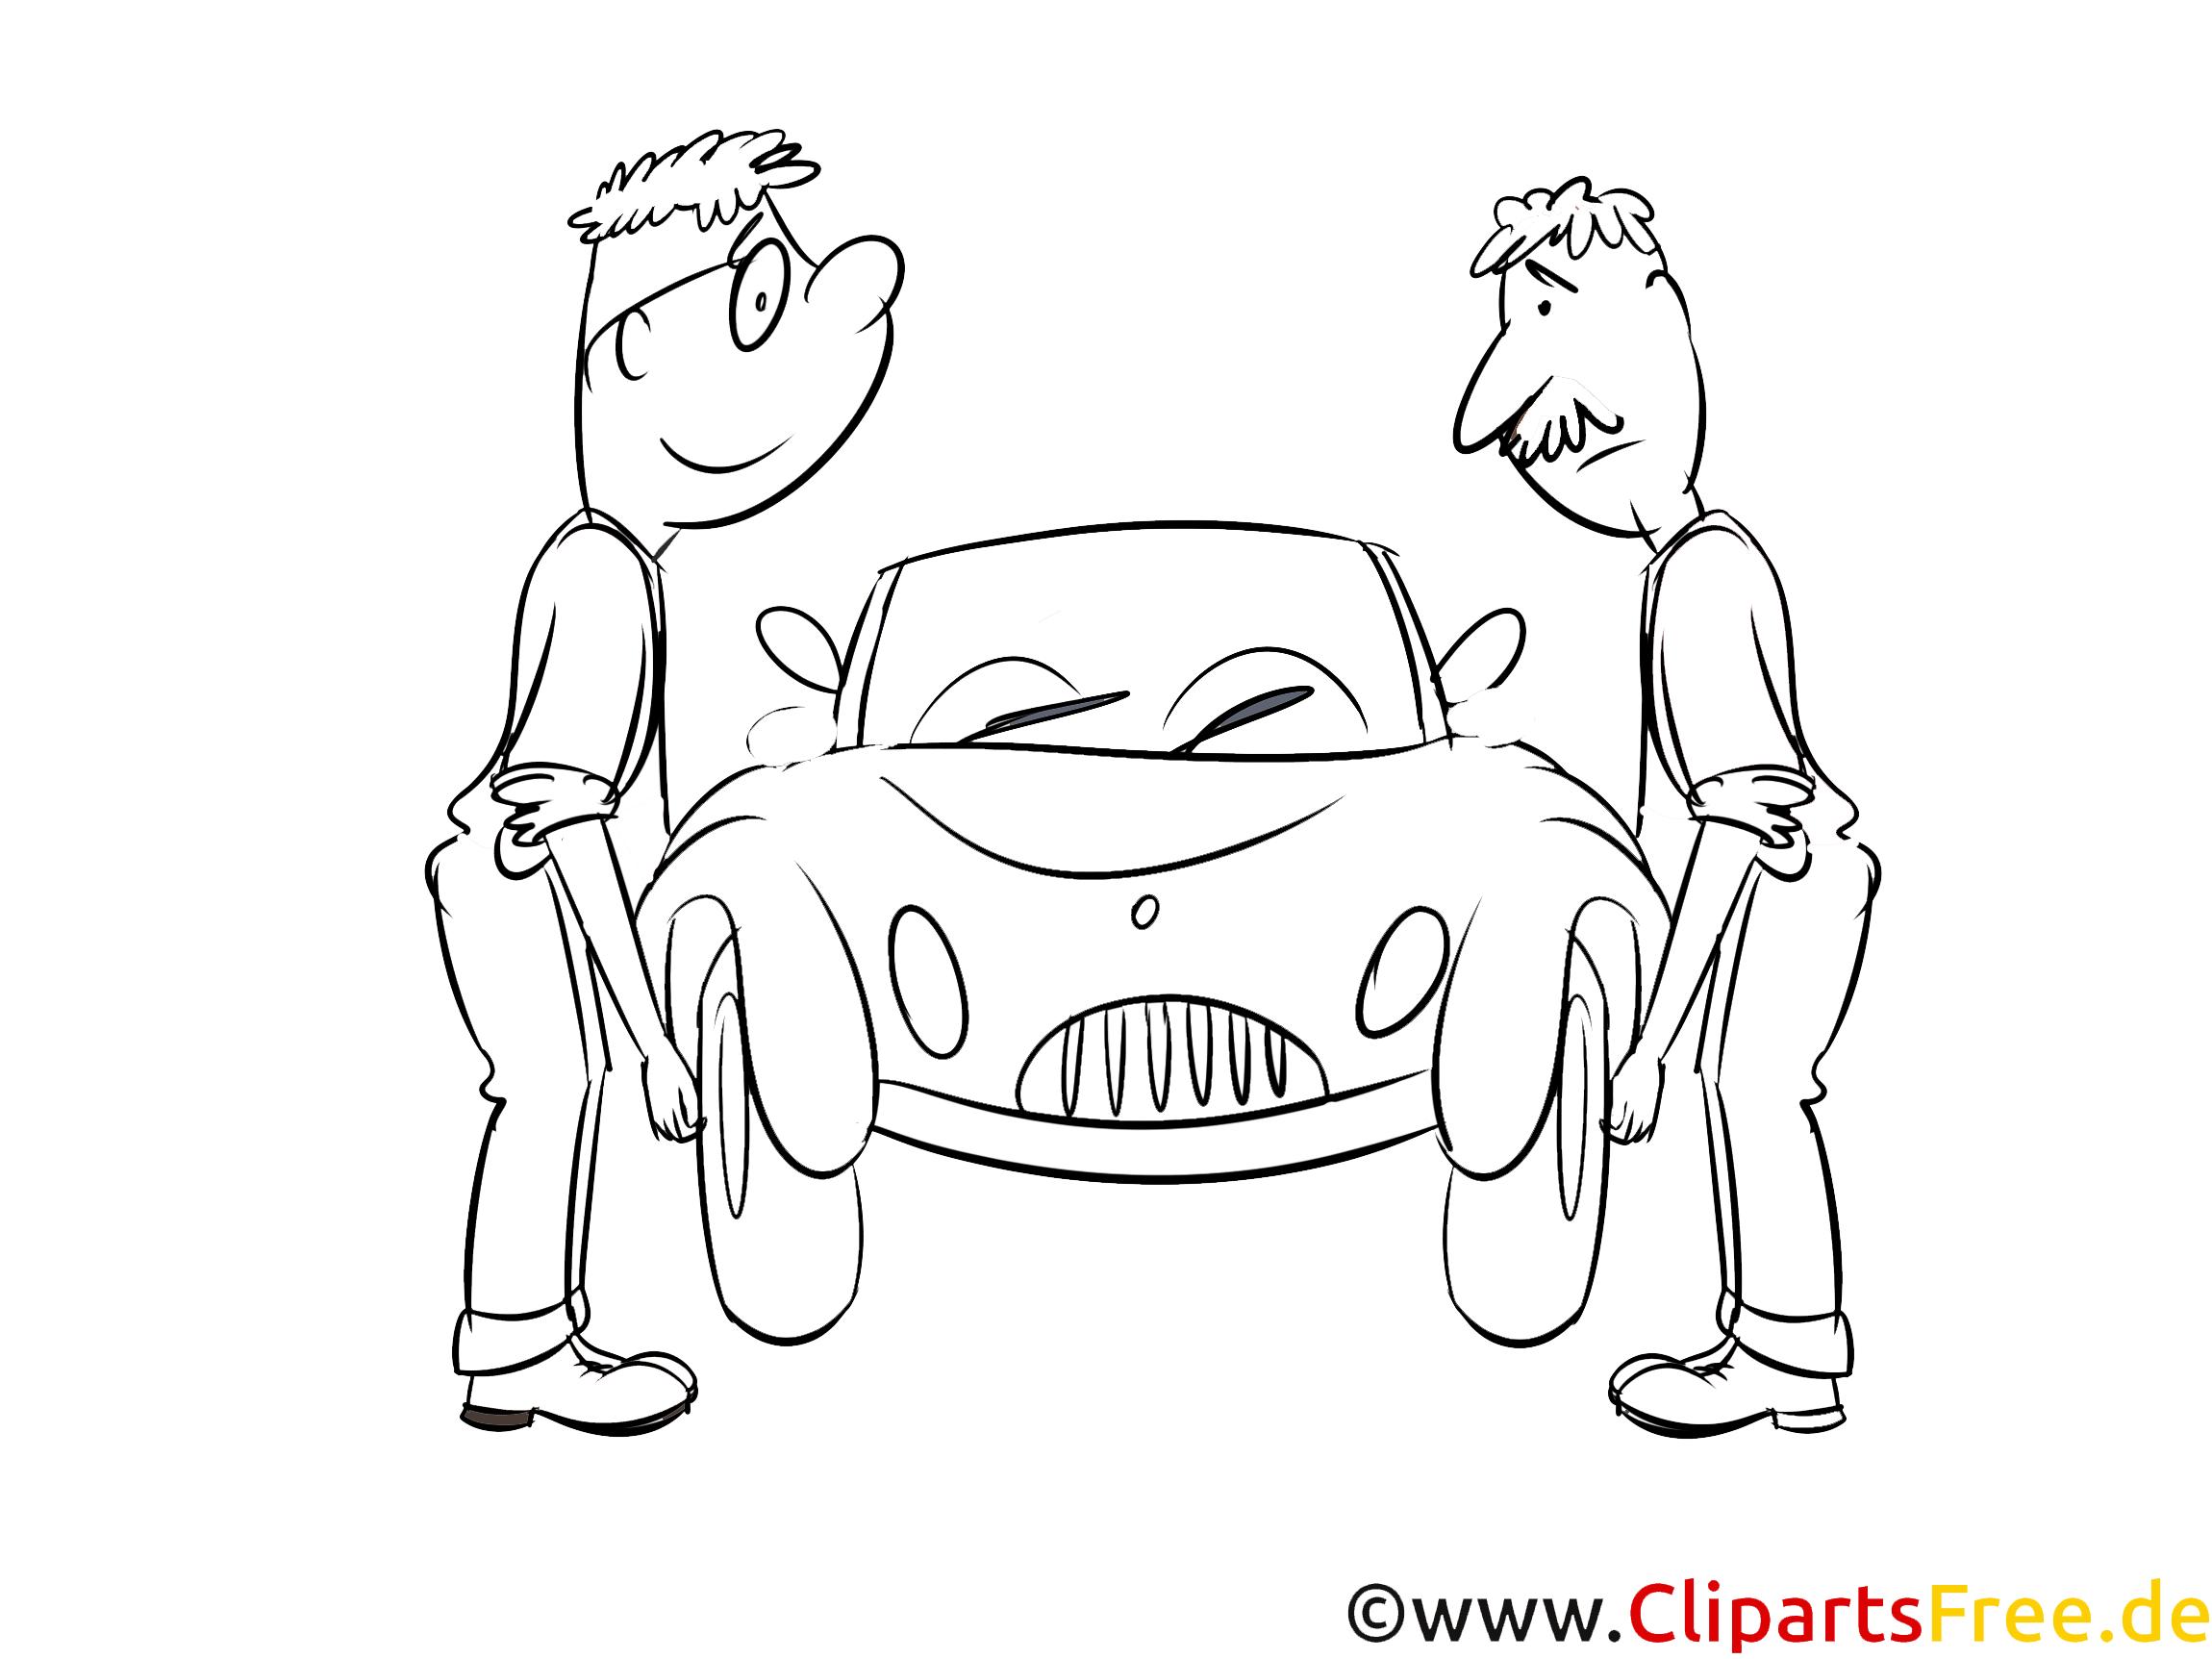 Auto reparieren Ausmalbild kostenlos